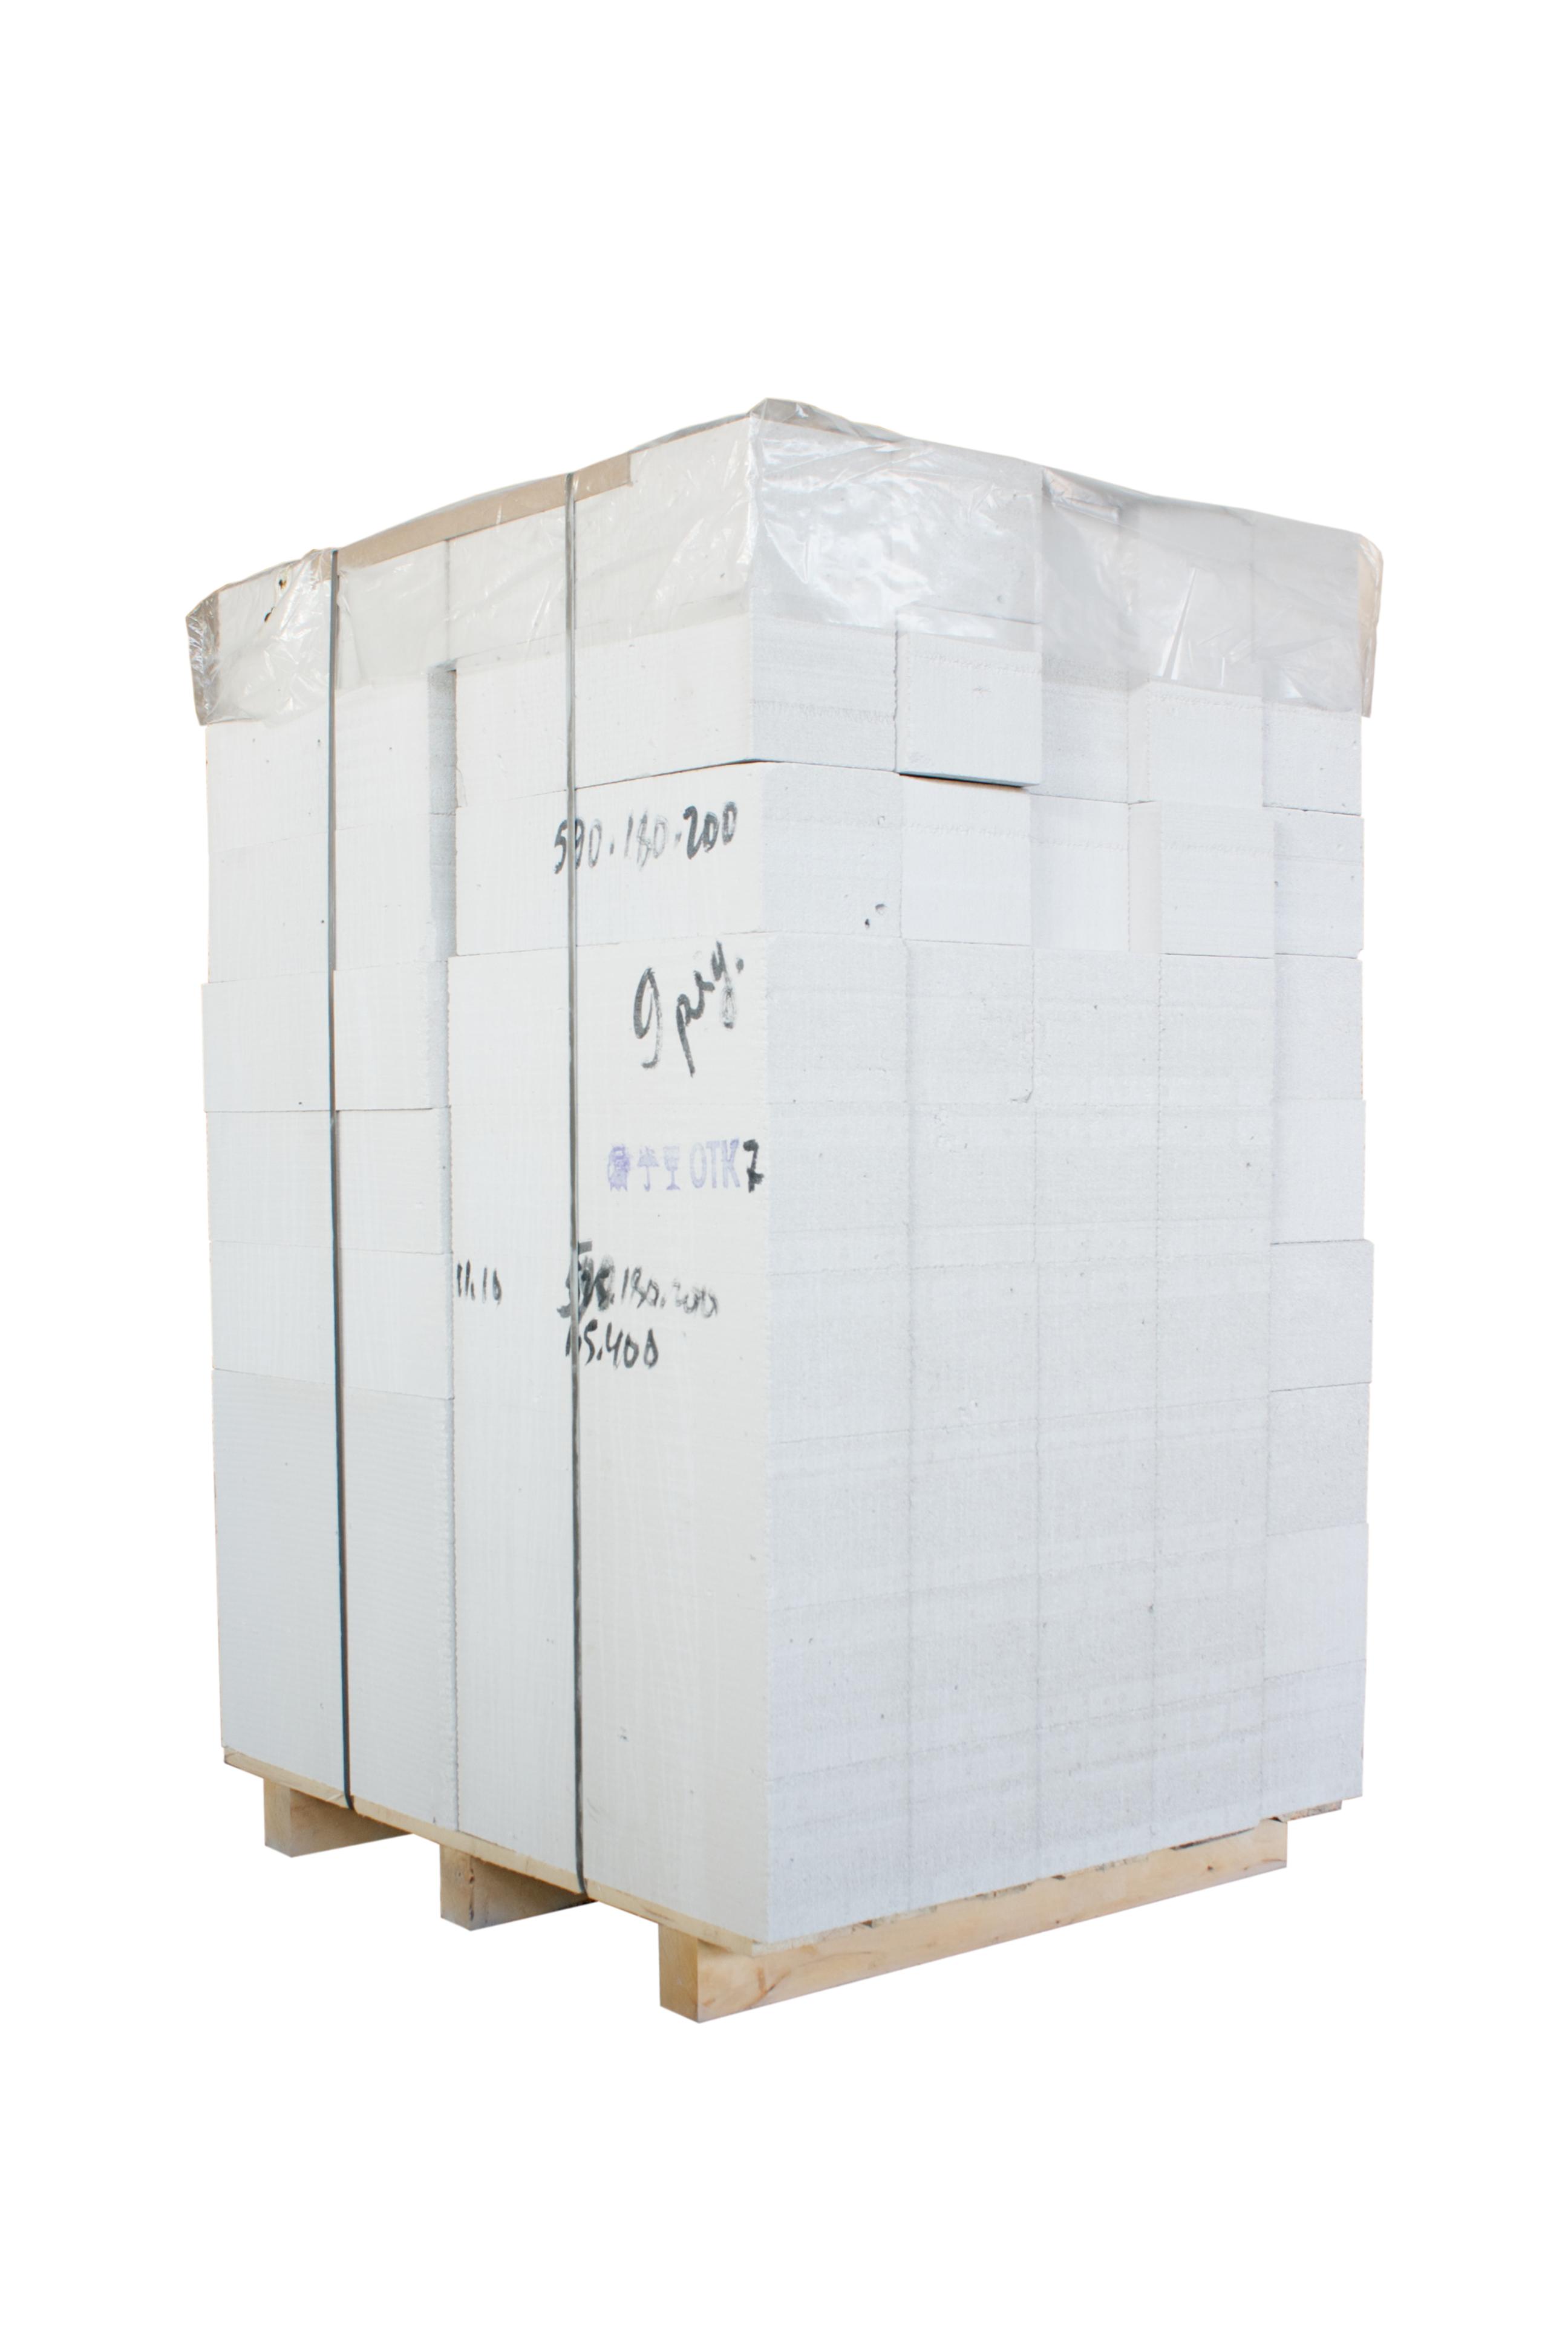 Блоки газосиликатный автоклавного твердения, 2 категории (для кладки на раствор на поддоне) производства ОАО Могилевский КСИ РБ